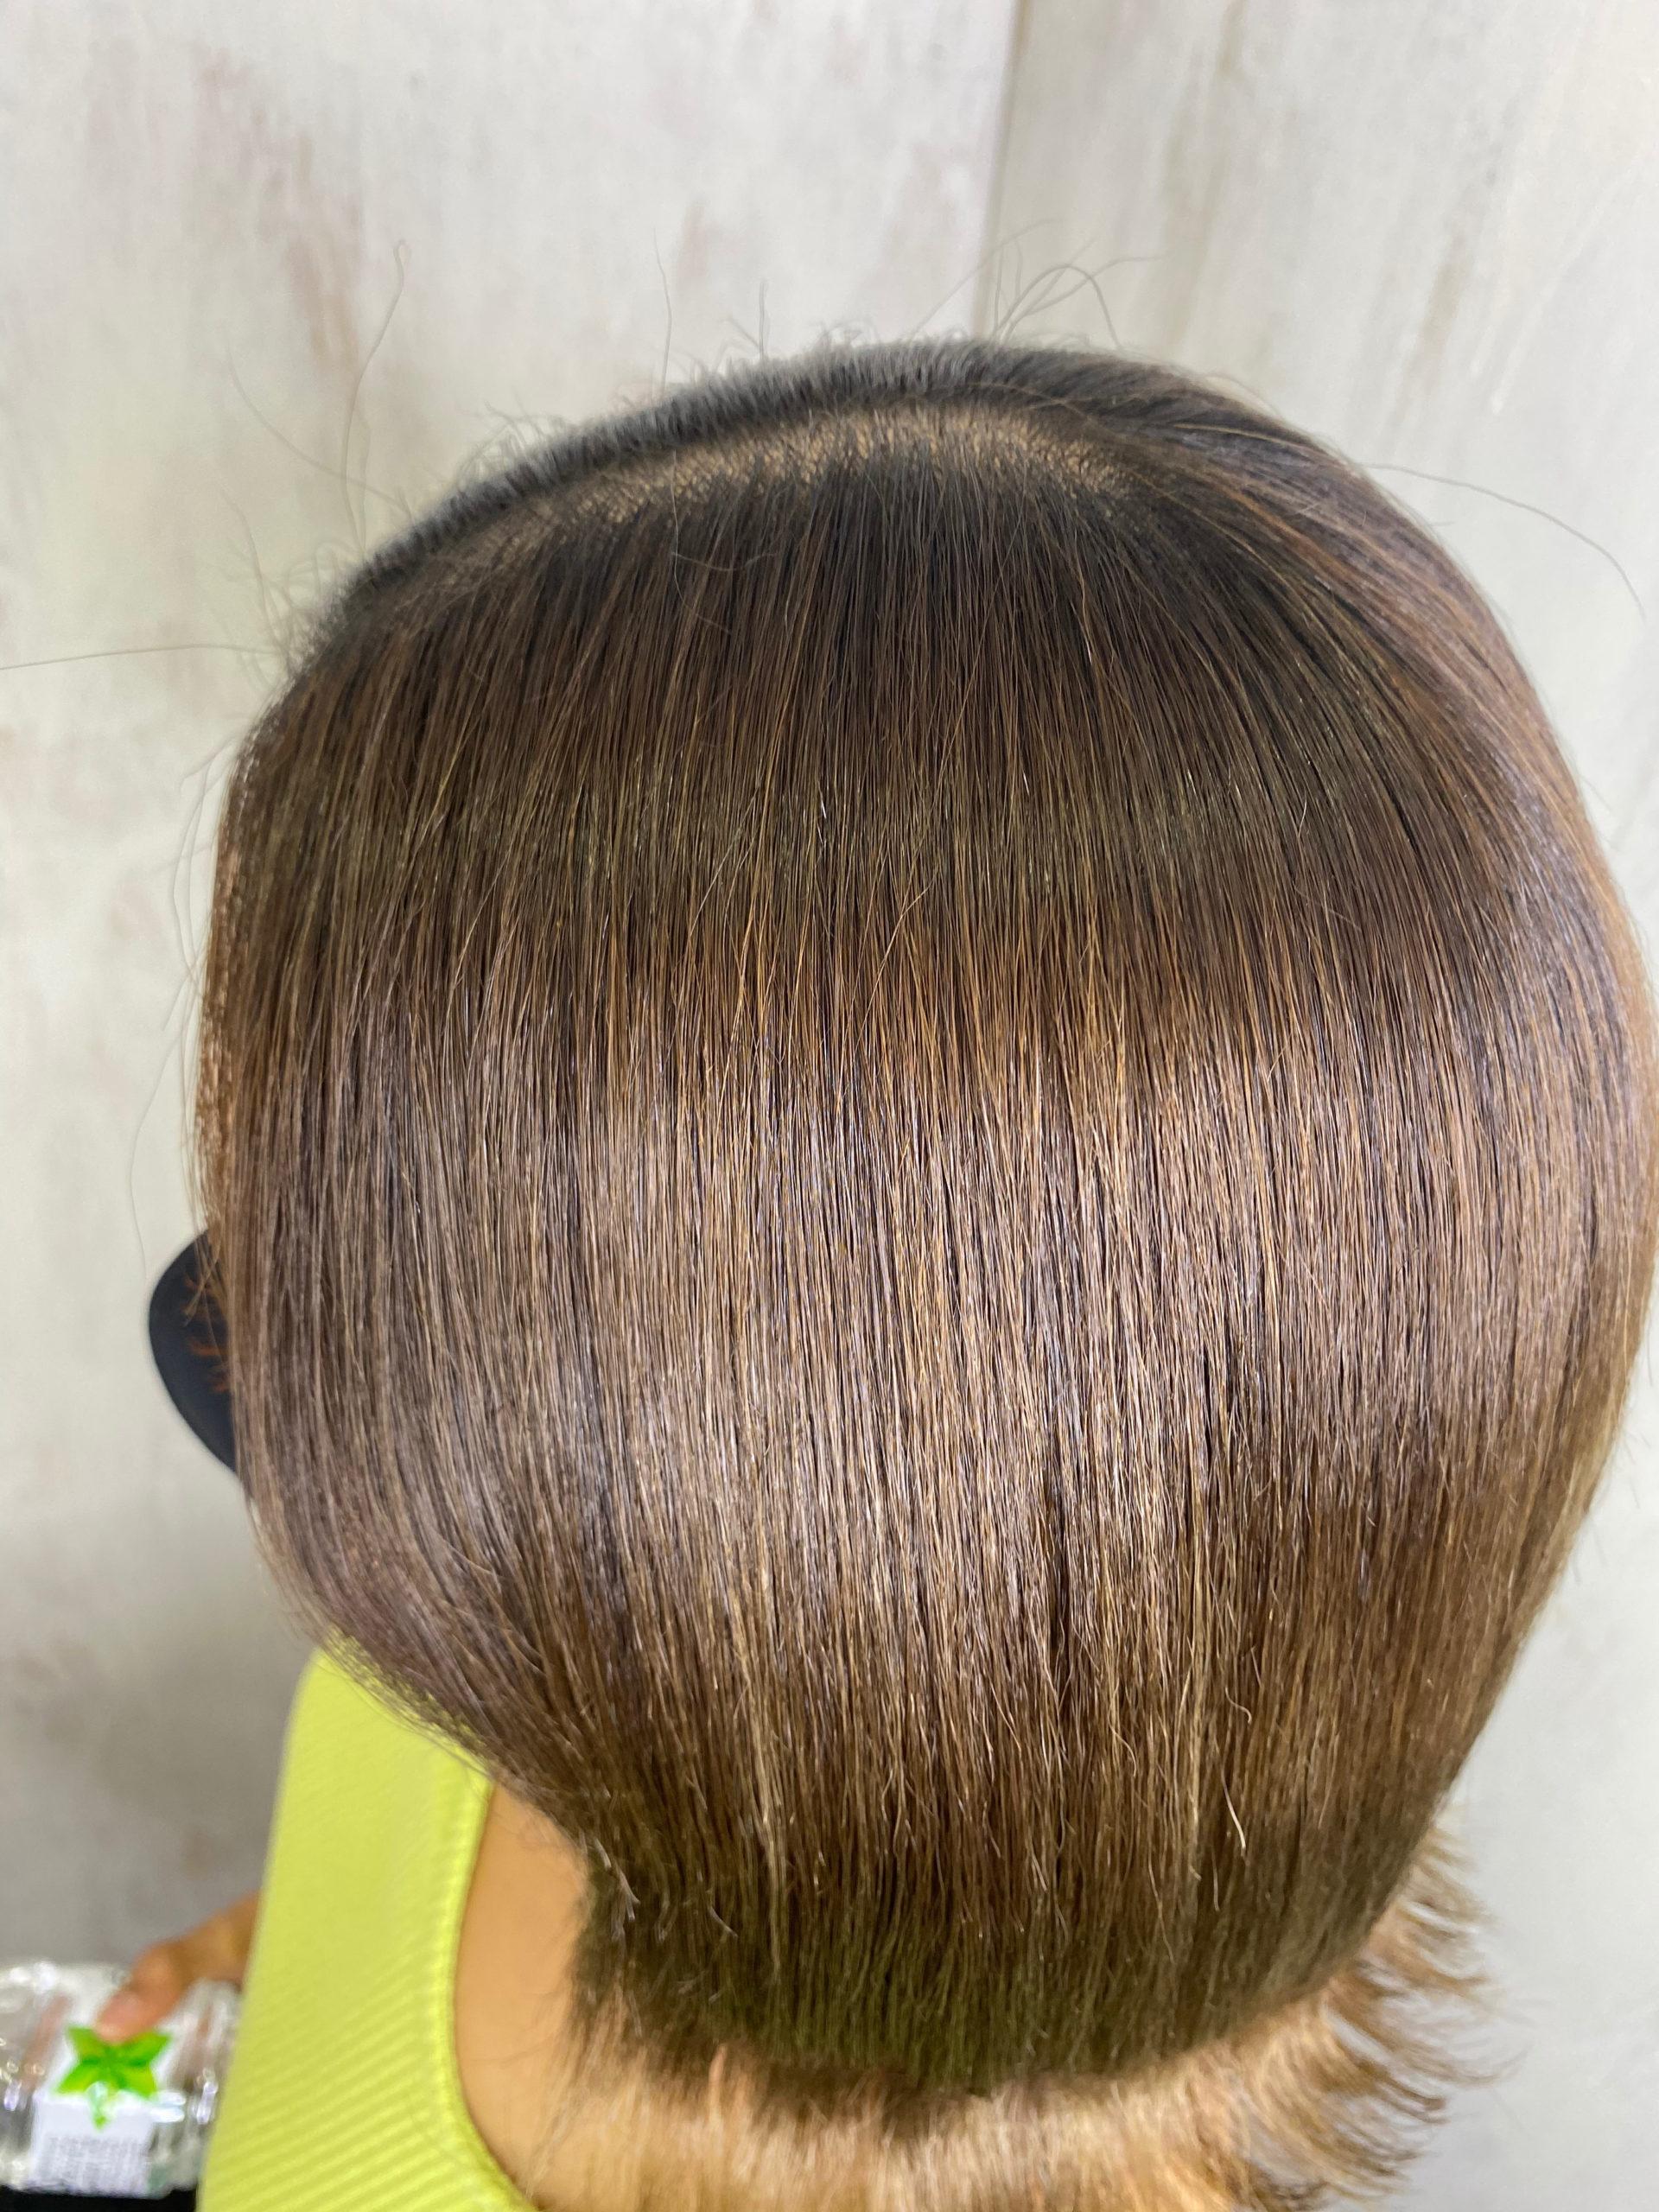 強めのくせ毛とブリーチ毛の方を縮毛矯正で艶髪ストレートヘア。原宿・表参道『髪のお悩みを解決するヘアケア美容師の挑戦』